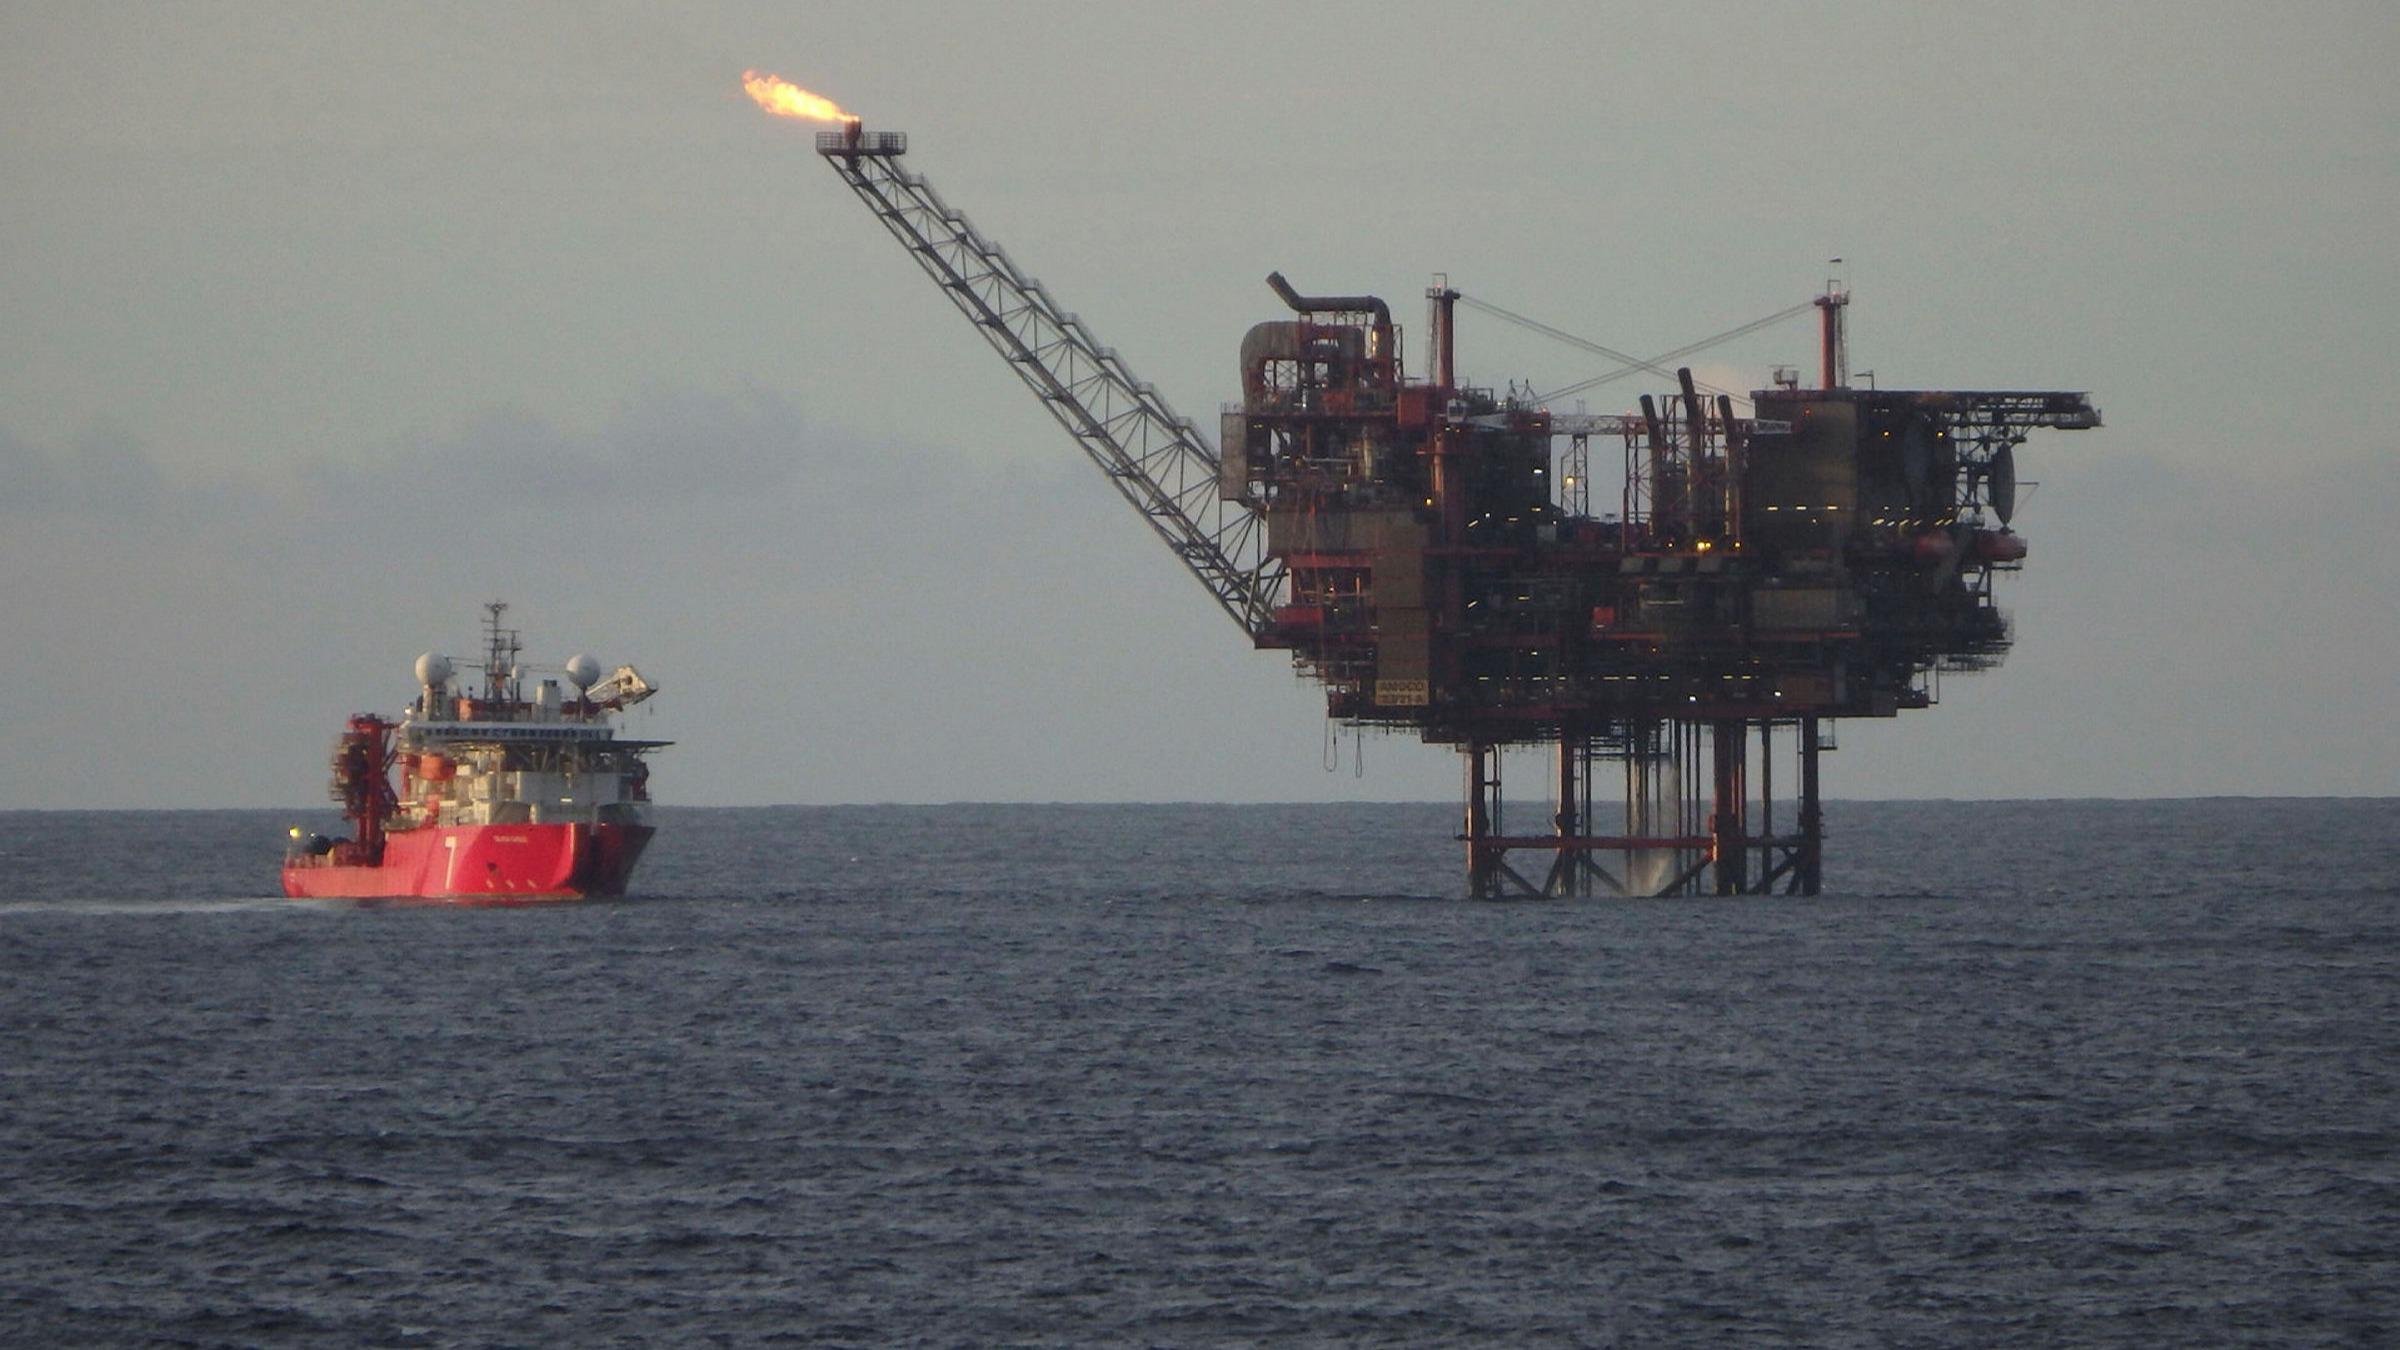 منصة نفط في بحر الشمال